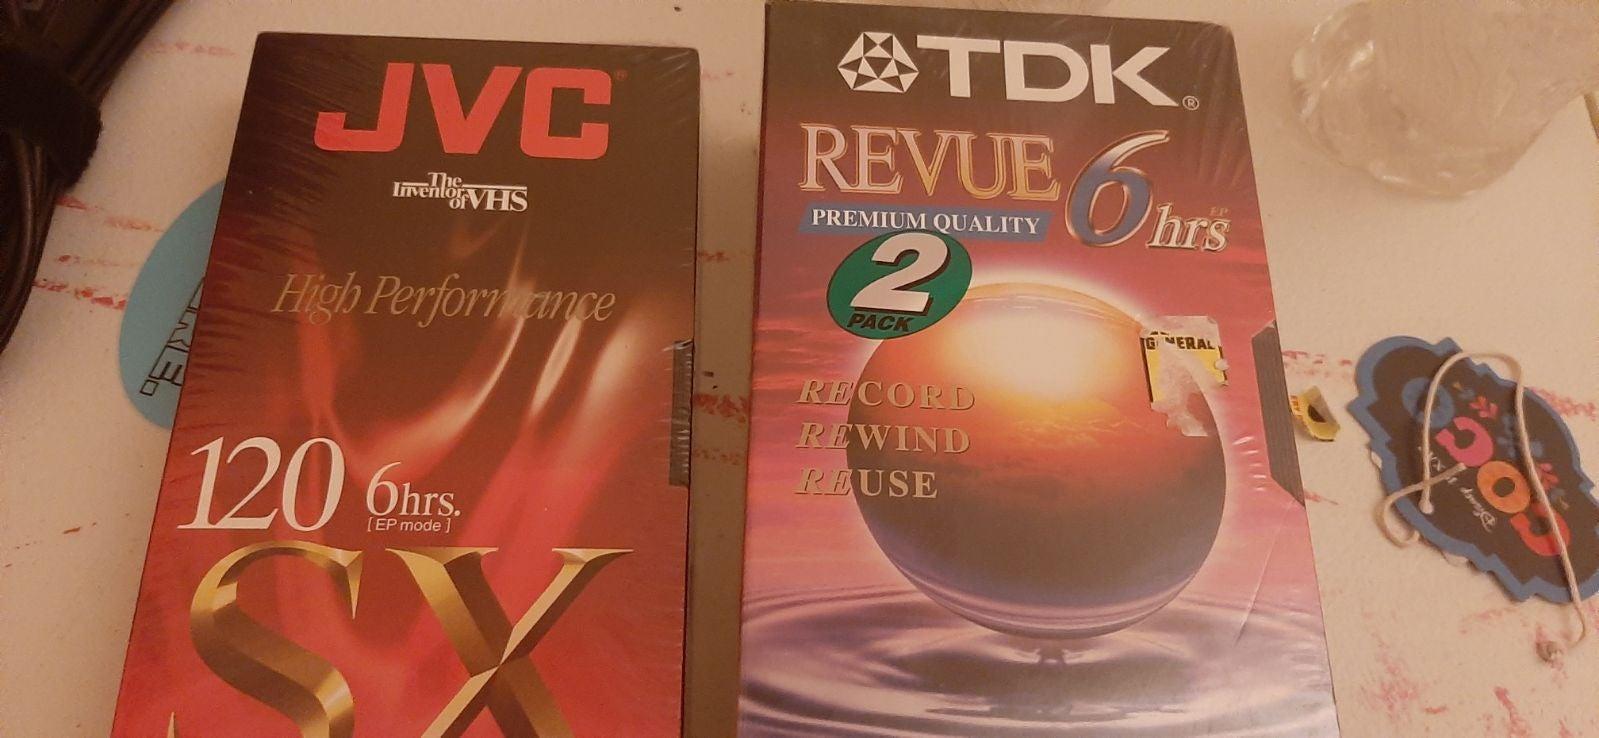 JVC & TDK vhs sealed